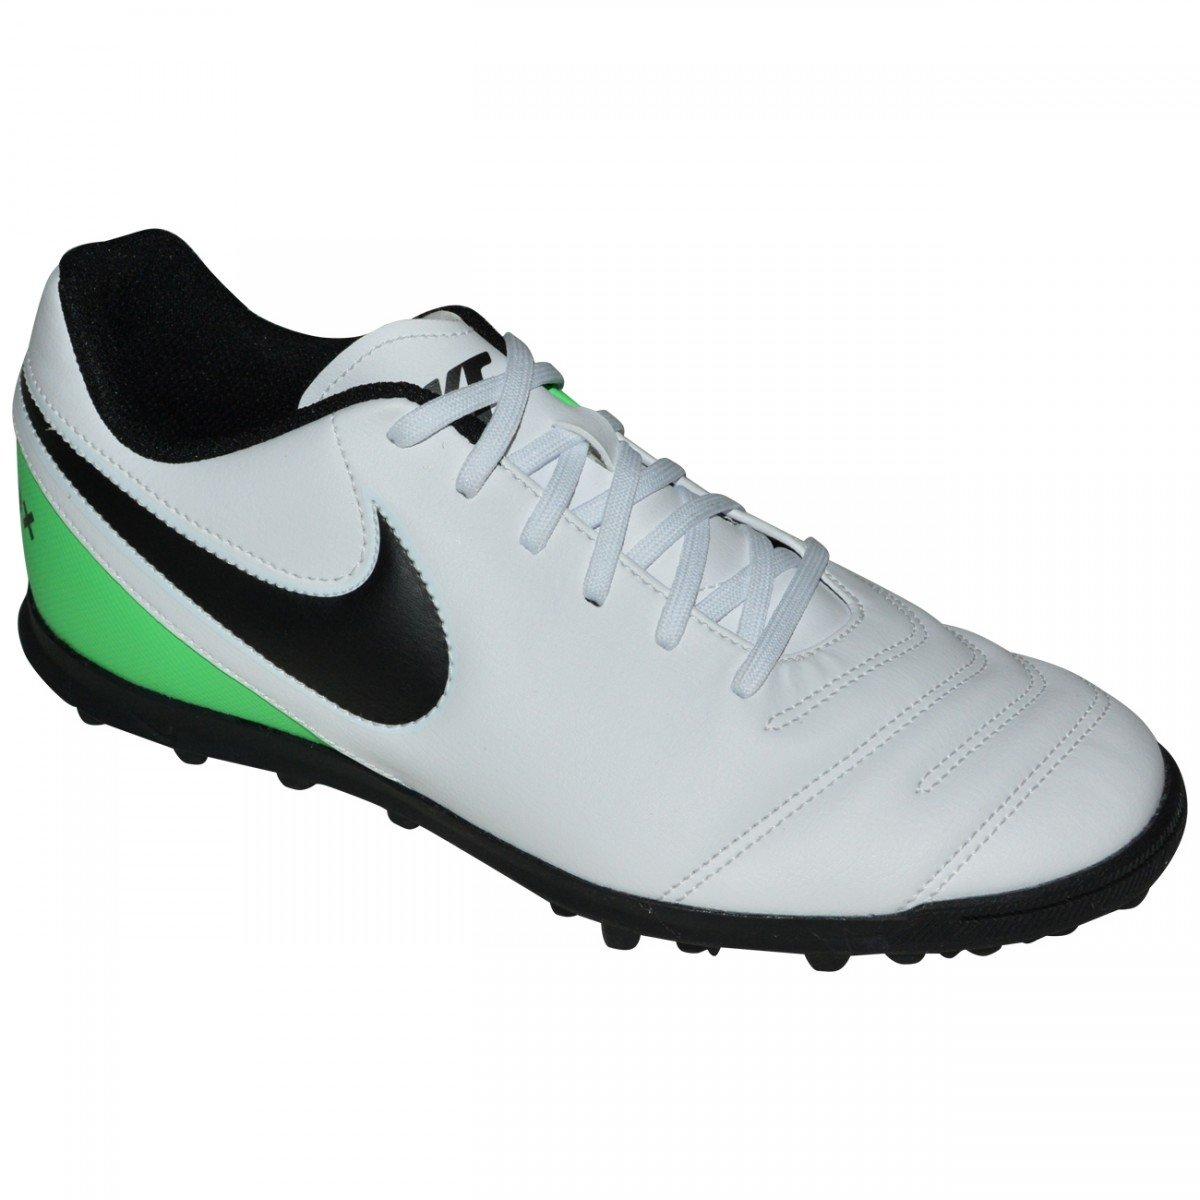 8945d0dea8 Chuteira Society Nike Tiempox Rio III - Compre Agora